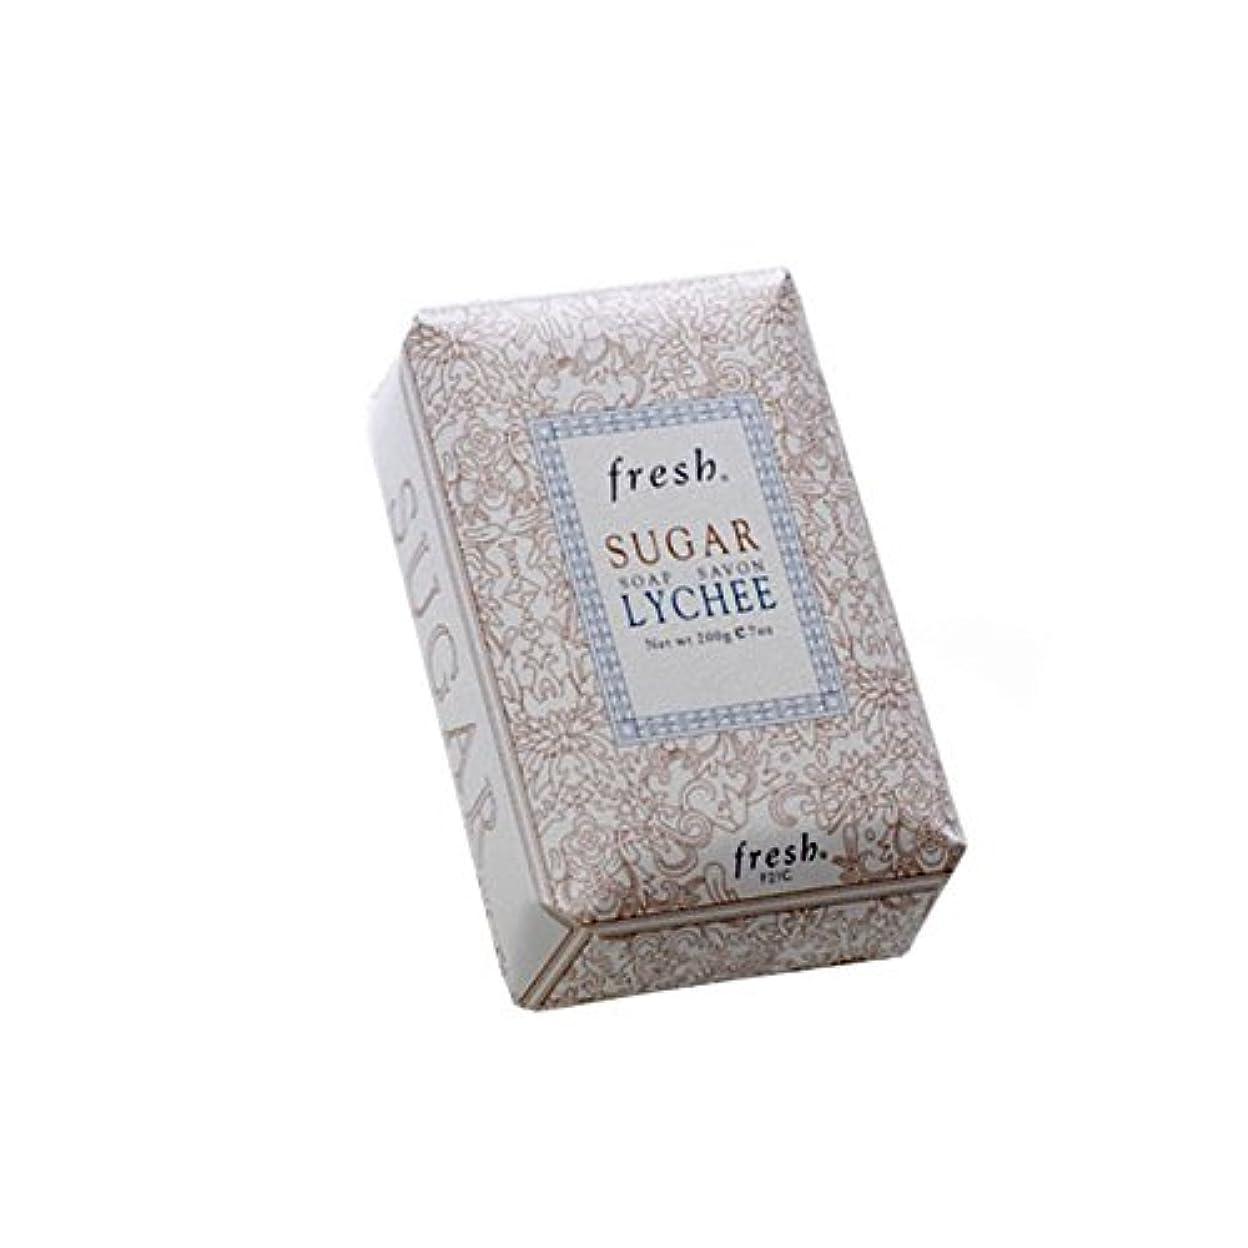 優先権飛行場二Fresh フレッシュ シュガーライチ石鹸 Sugar Lychee Soap, 200g/7oz [海外直送品] [並行輸入品]